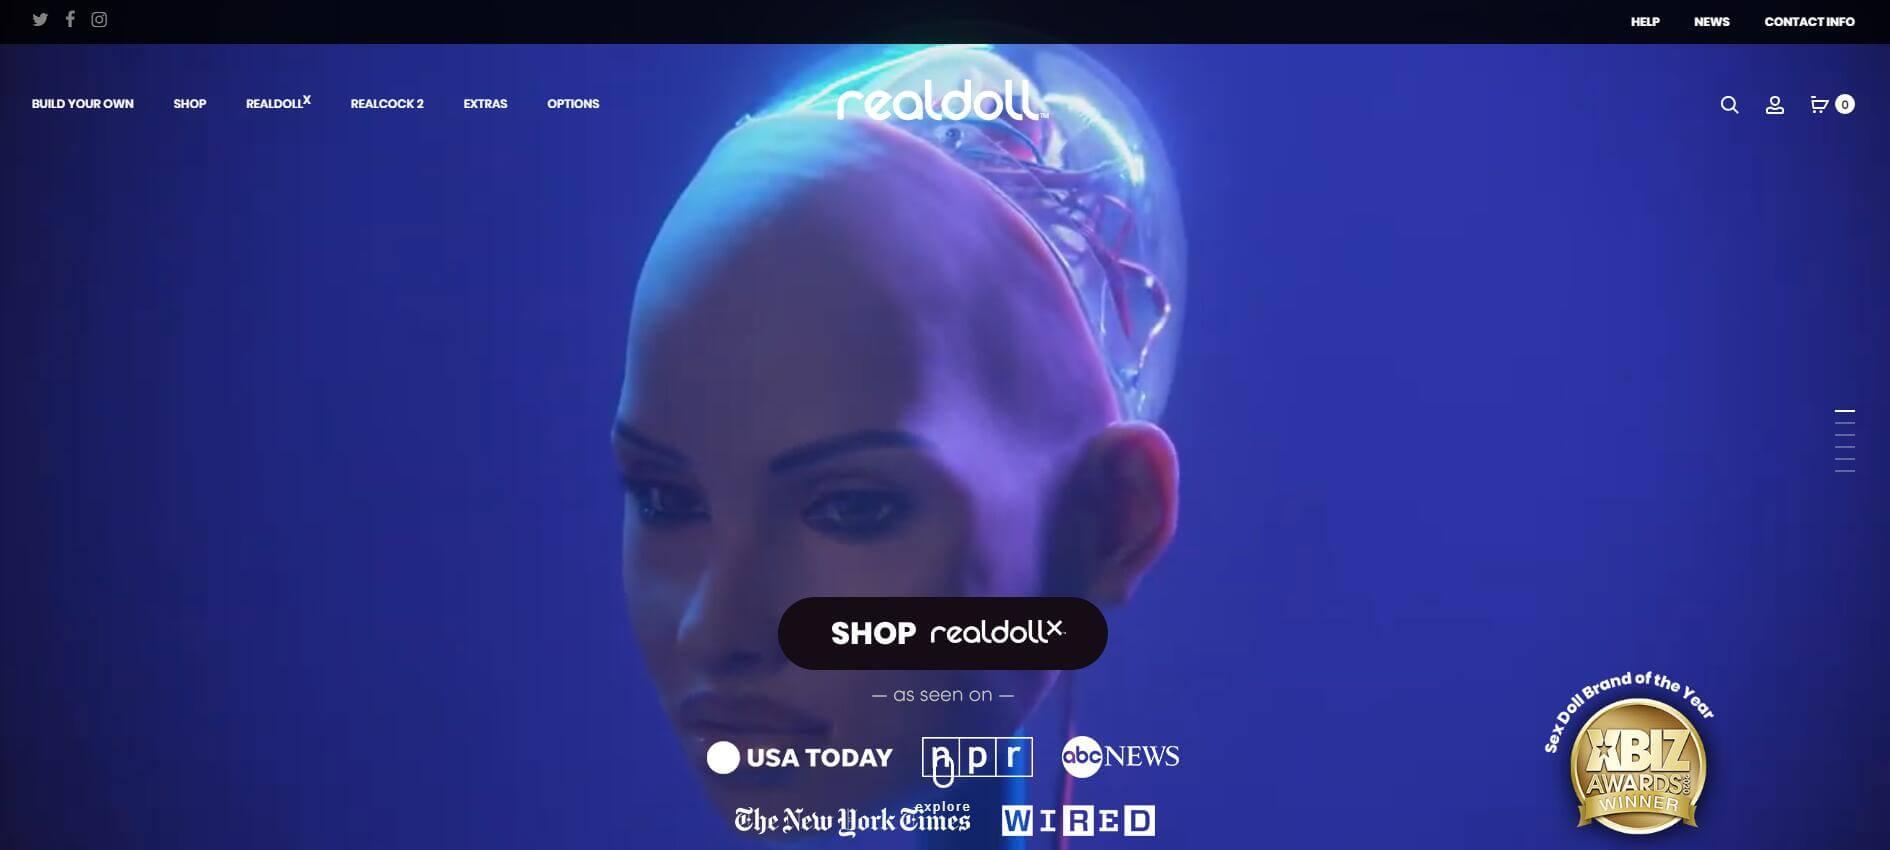 realDoll website